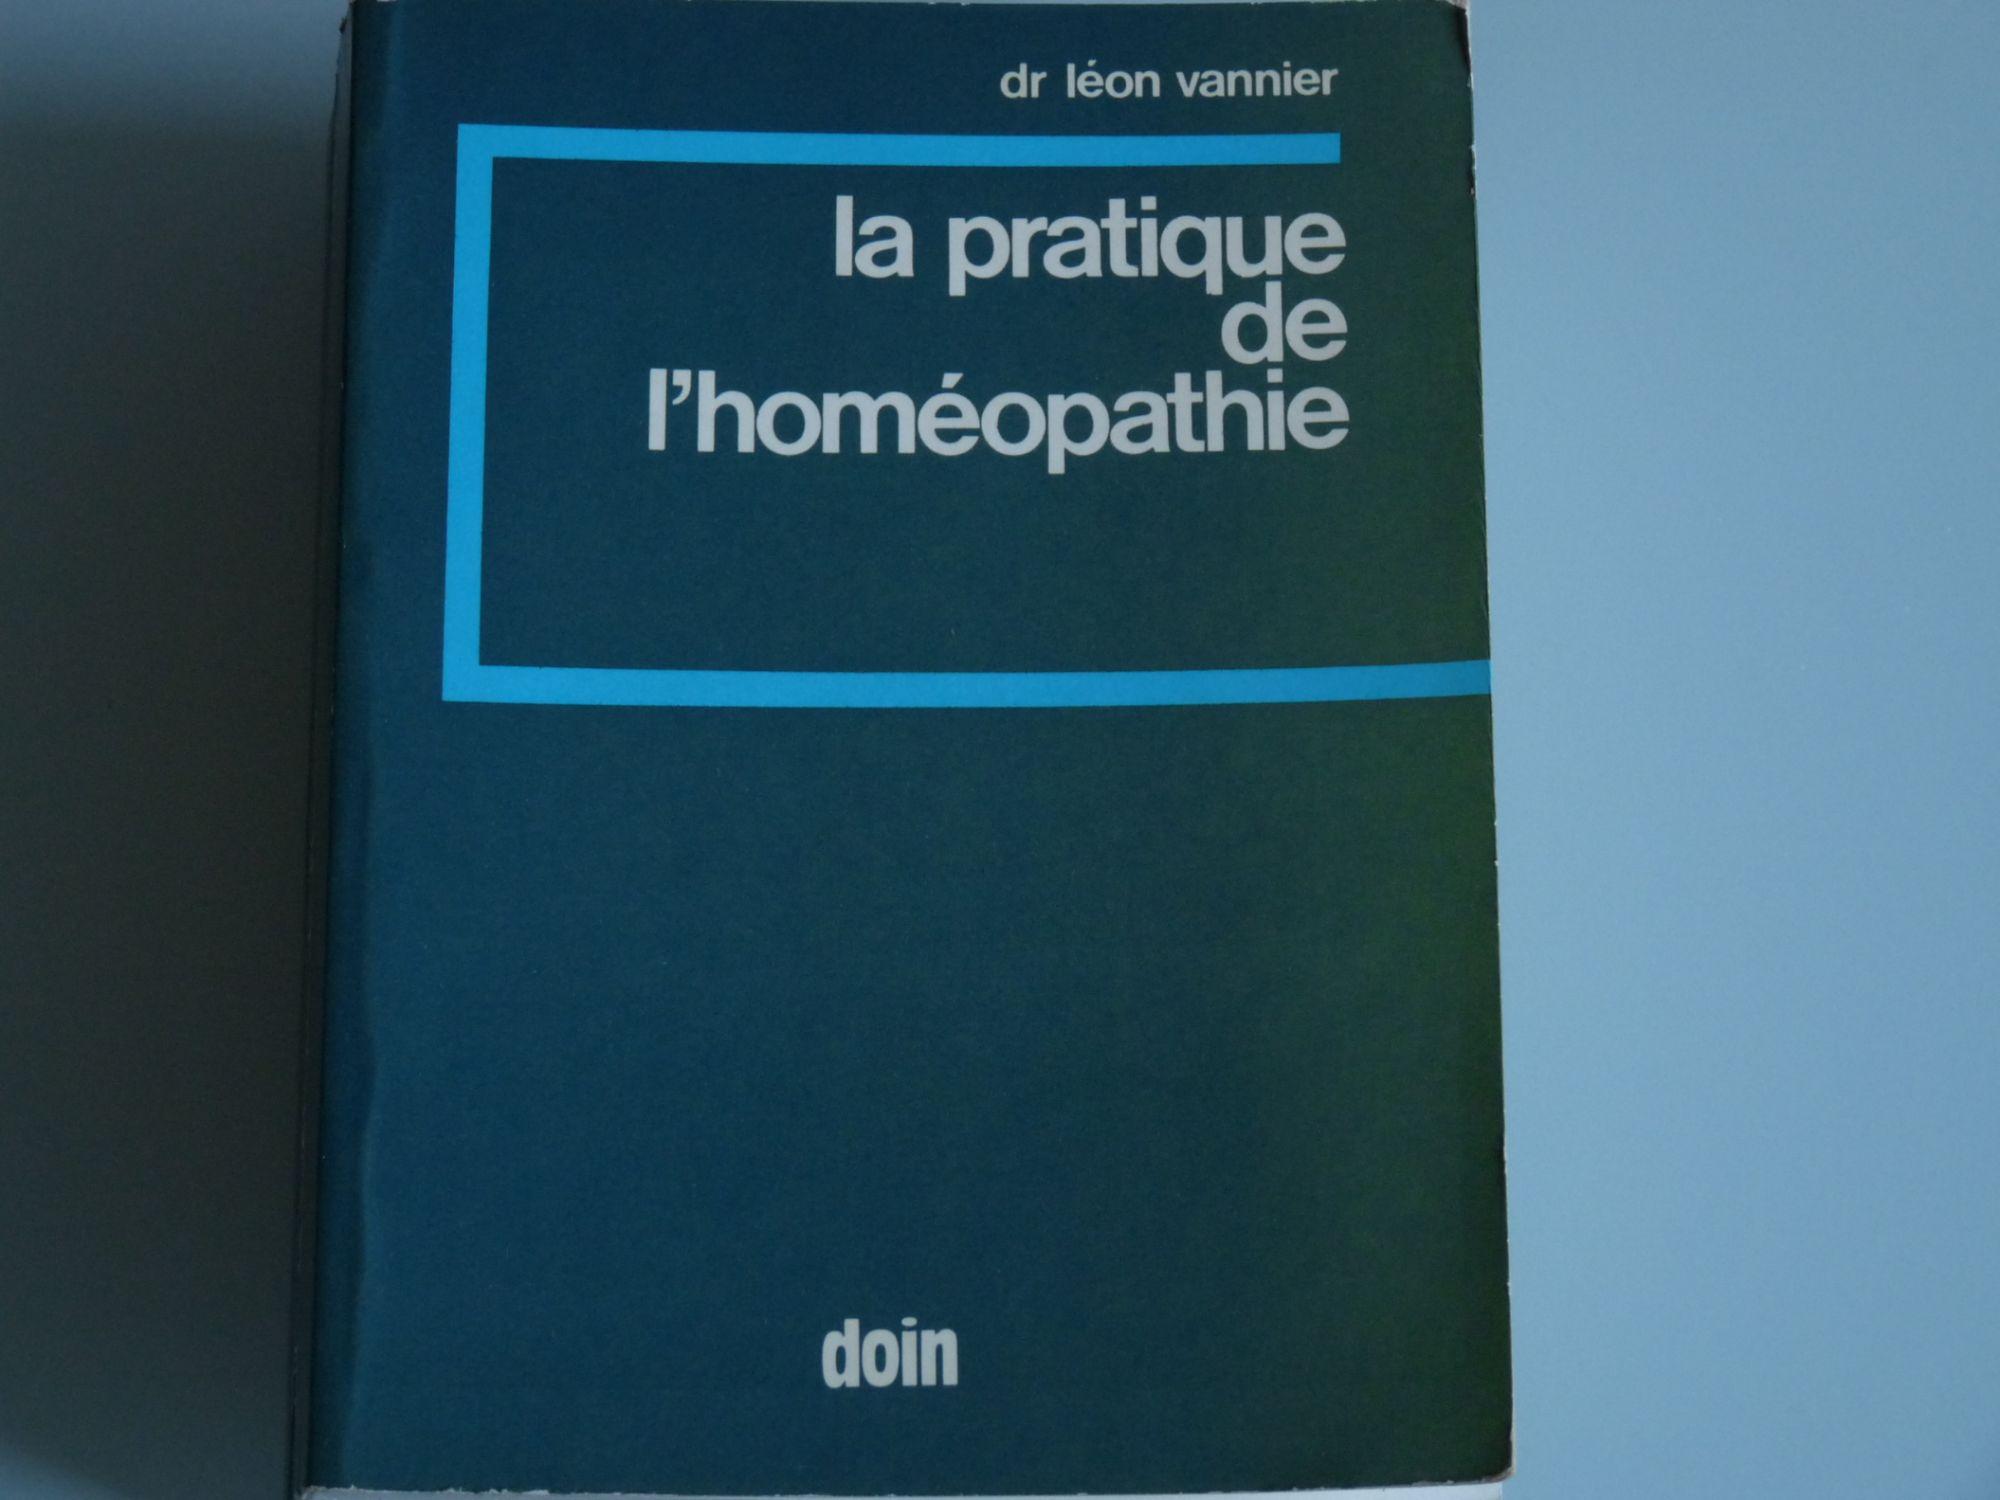 La Pratique de l'homéopathie